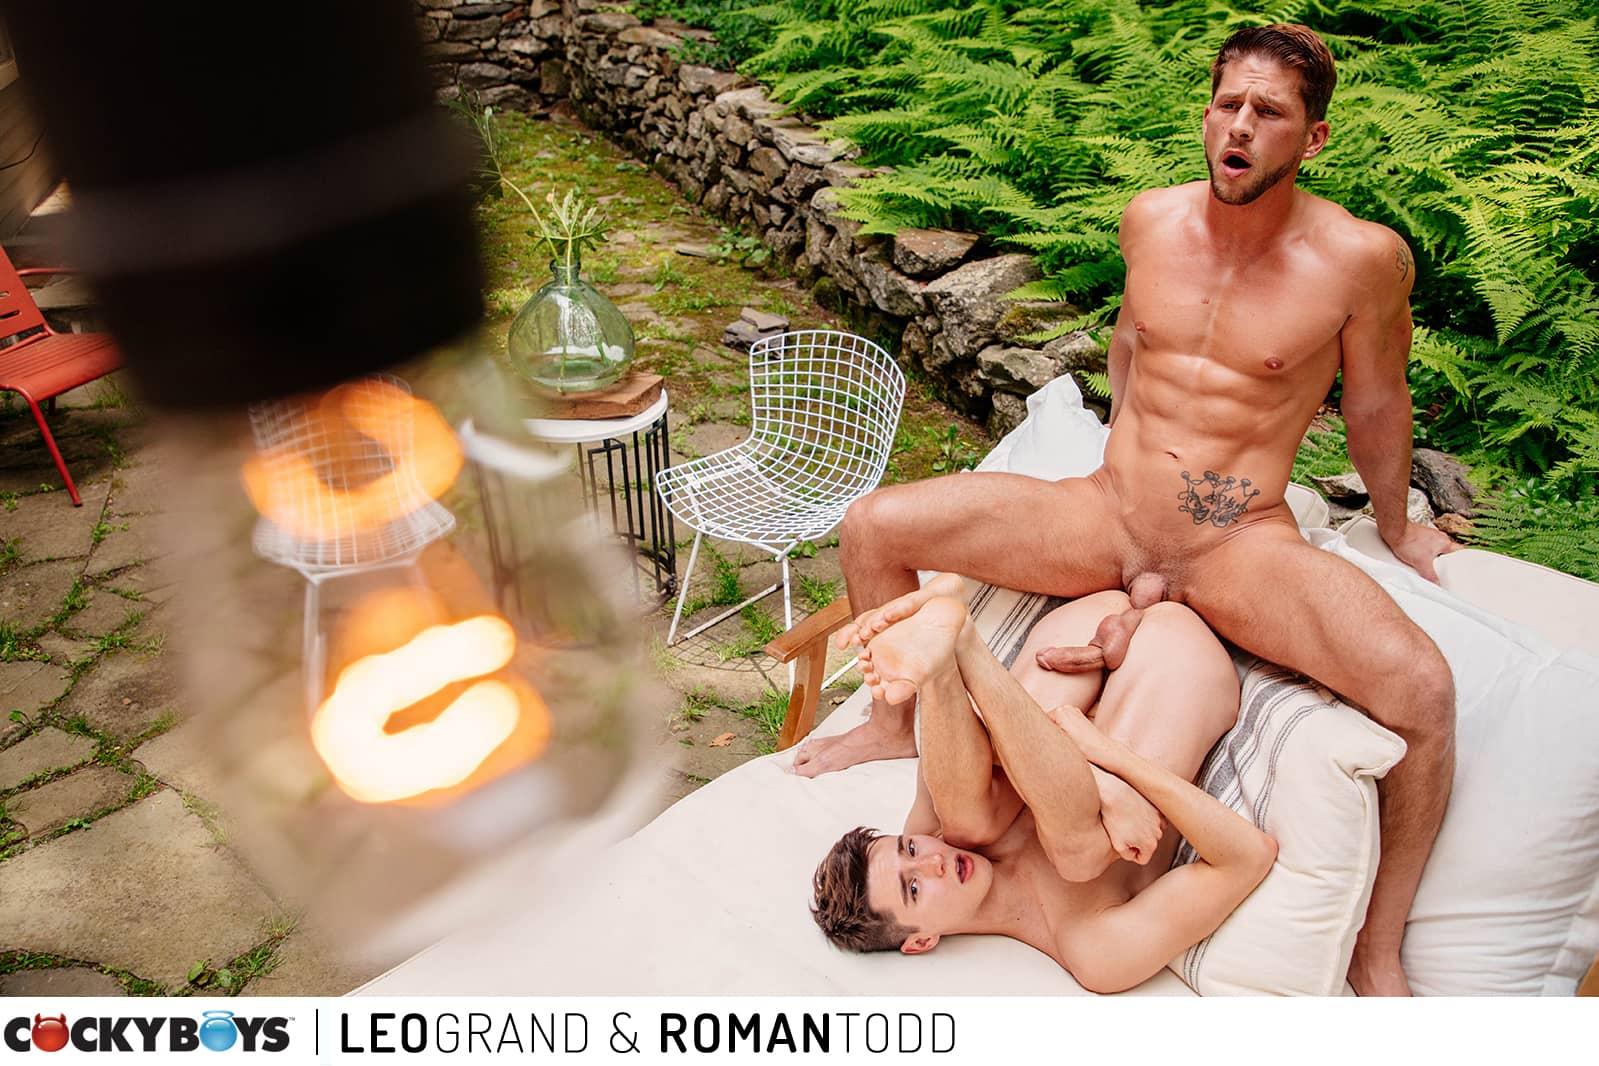 Leo Grand and Roman Todd